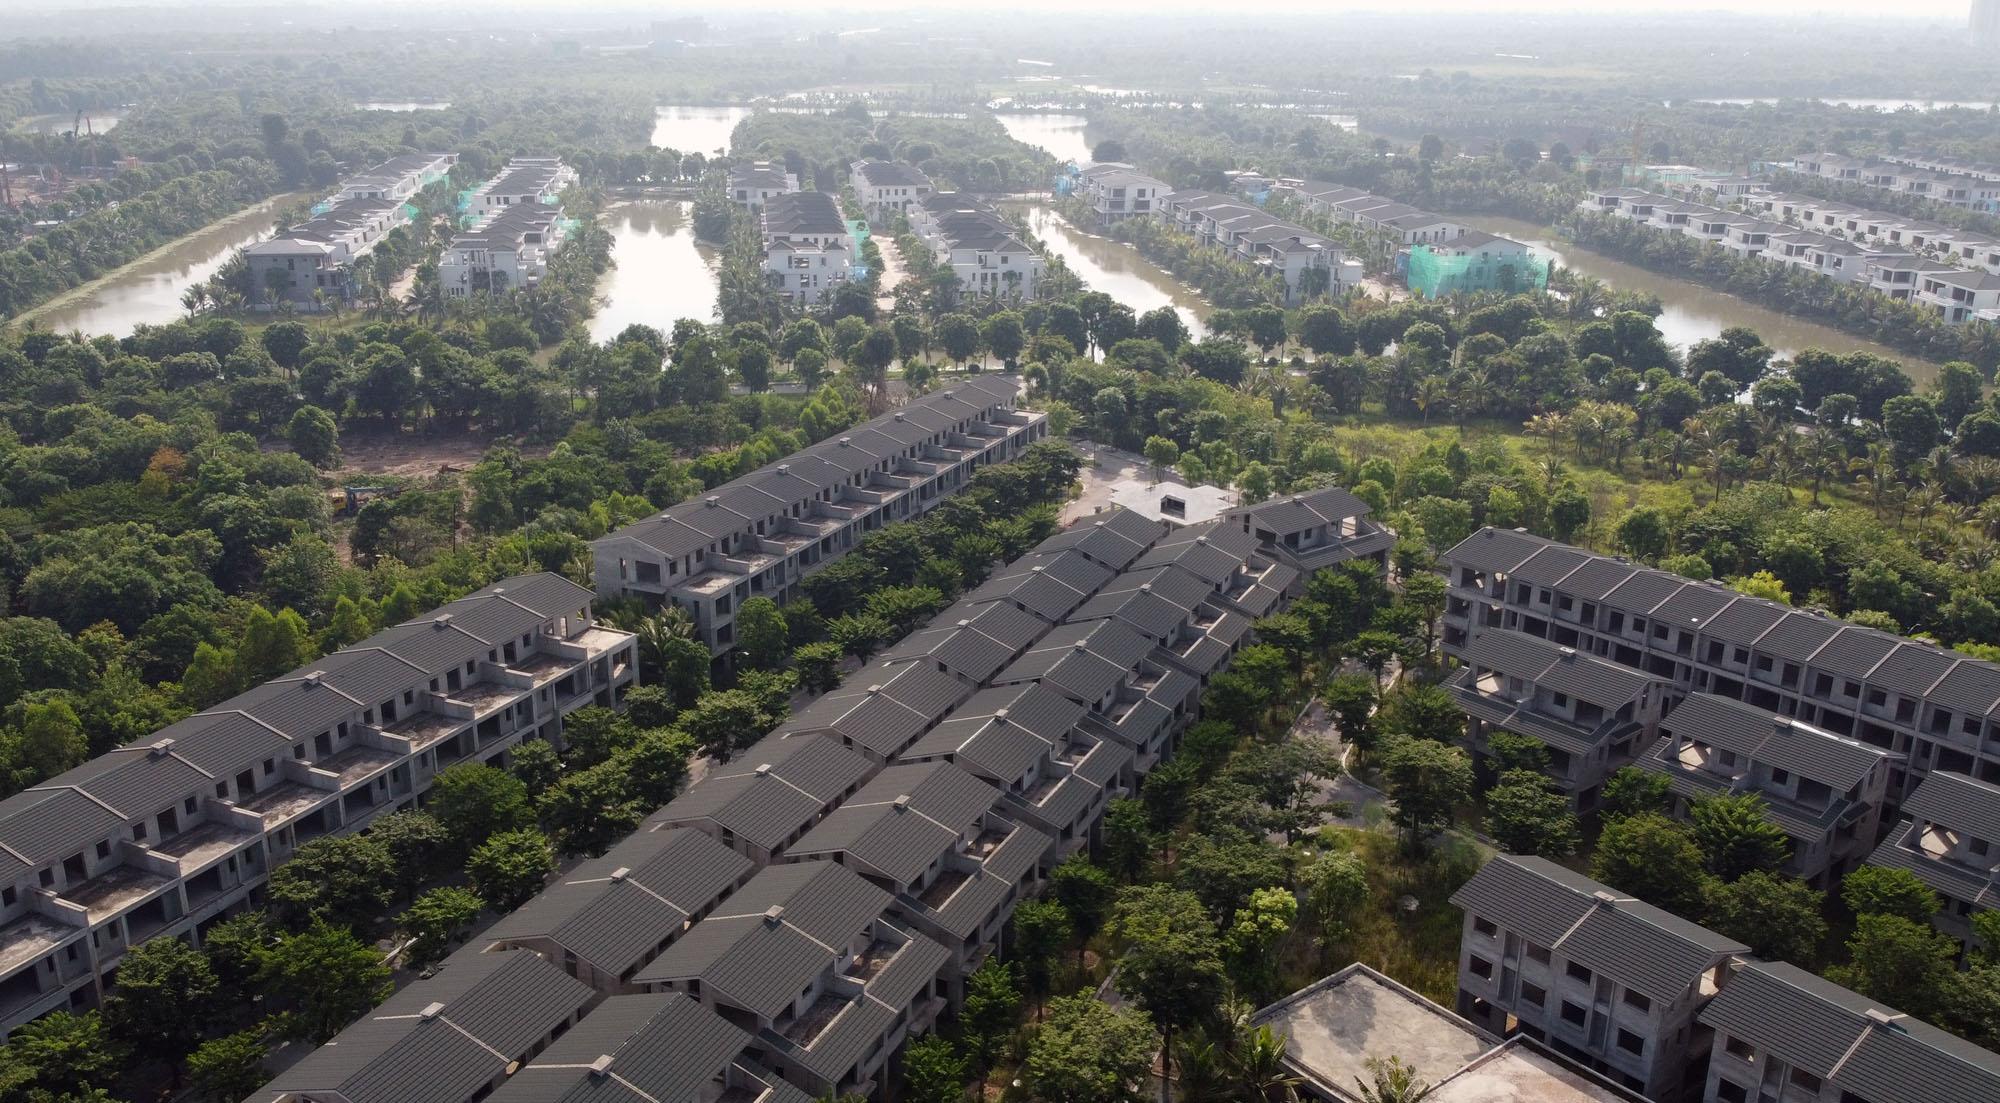 Bắc Giang sẽ có khu đô thị tại thị trấn Bích Động, diện tích 77 ha - Ảnh 1.